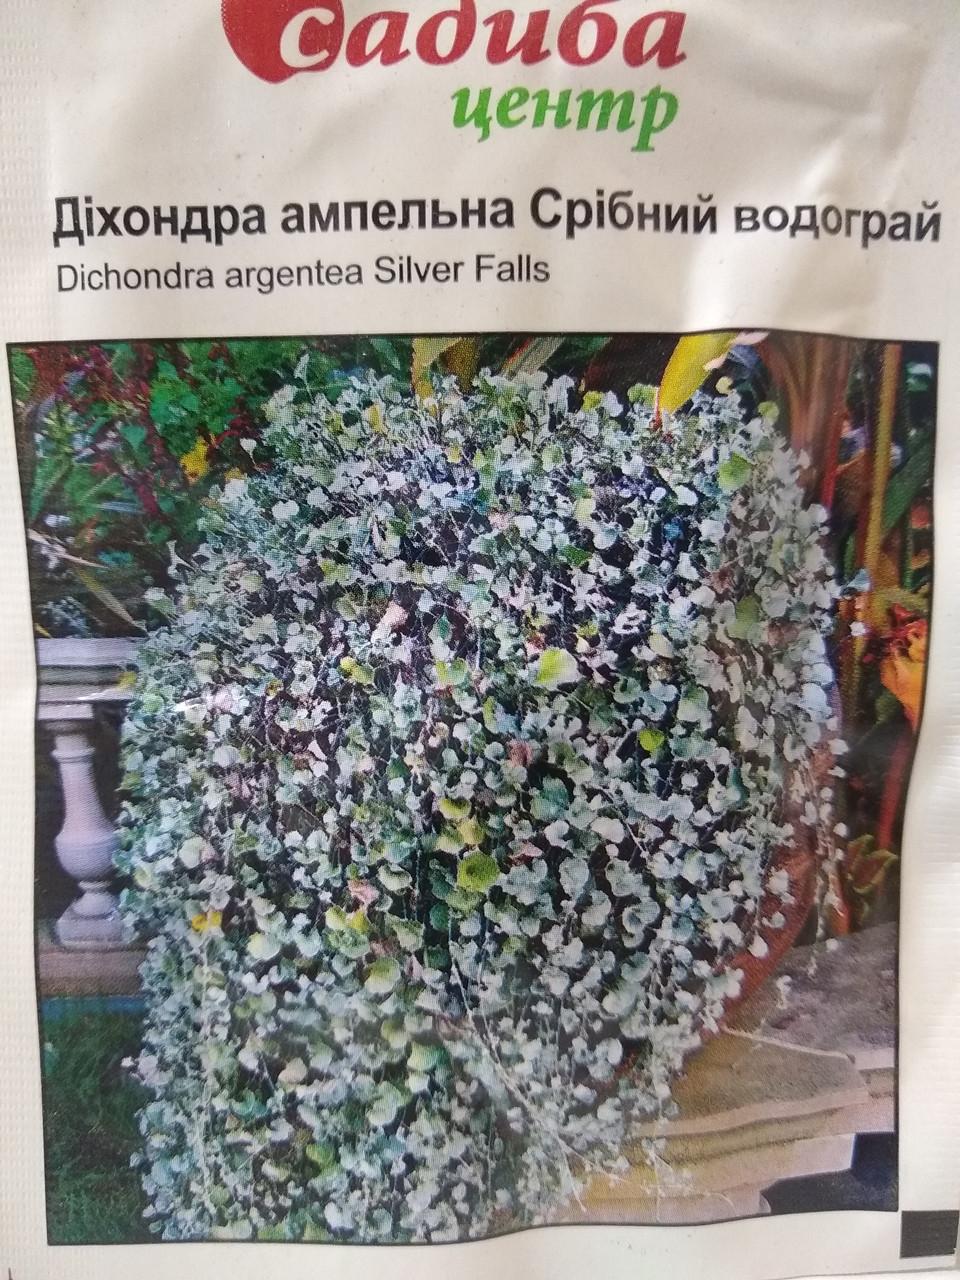 Насіння Діхондри ампельної Срібний водограй для балконів посухостійка 3 шт насіння, Голландія